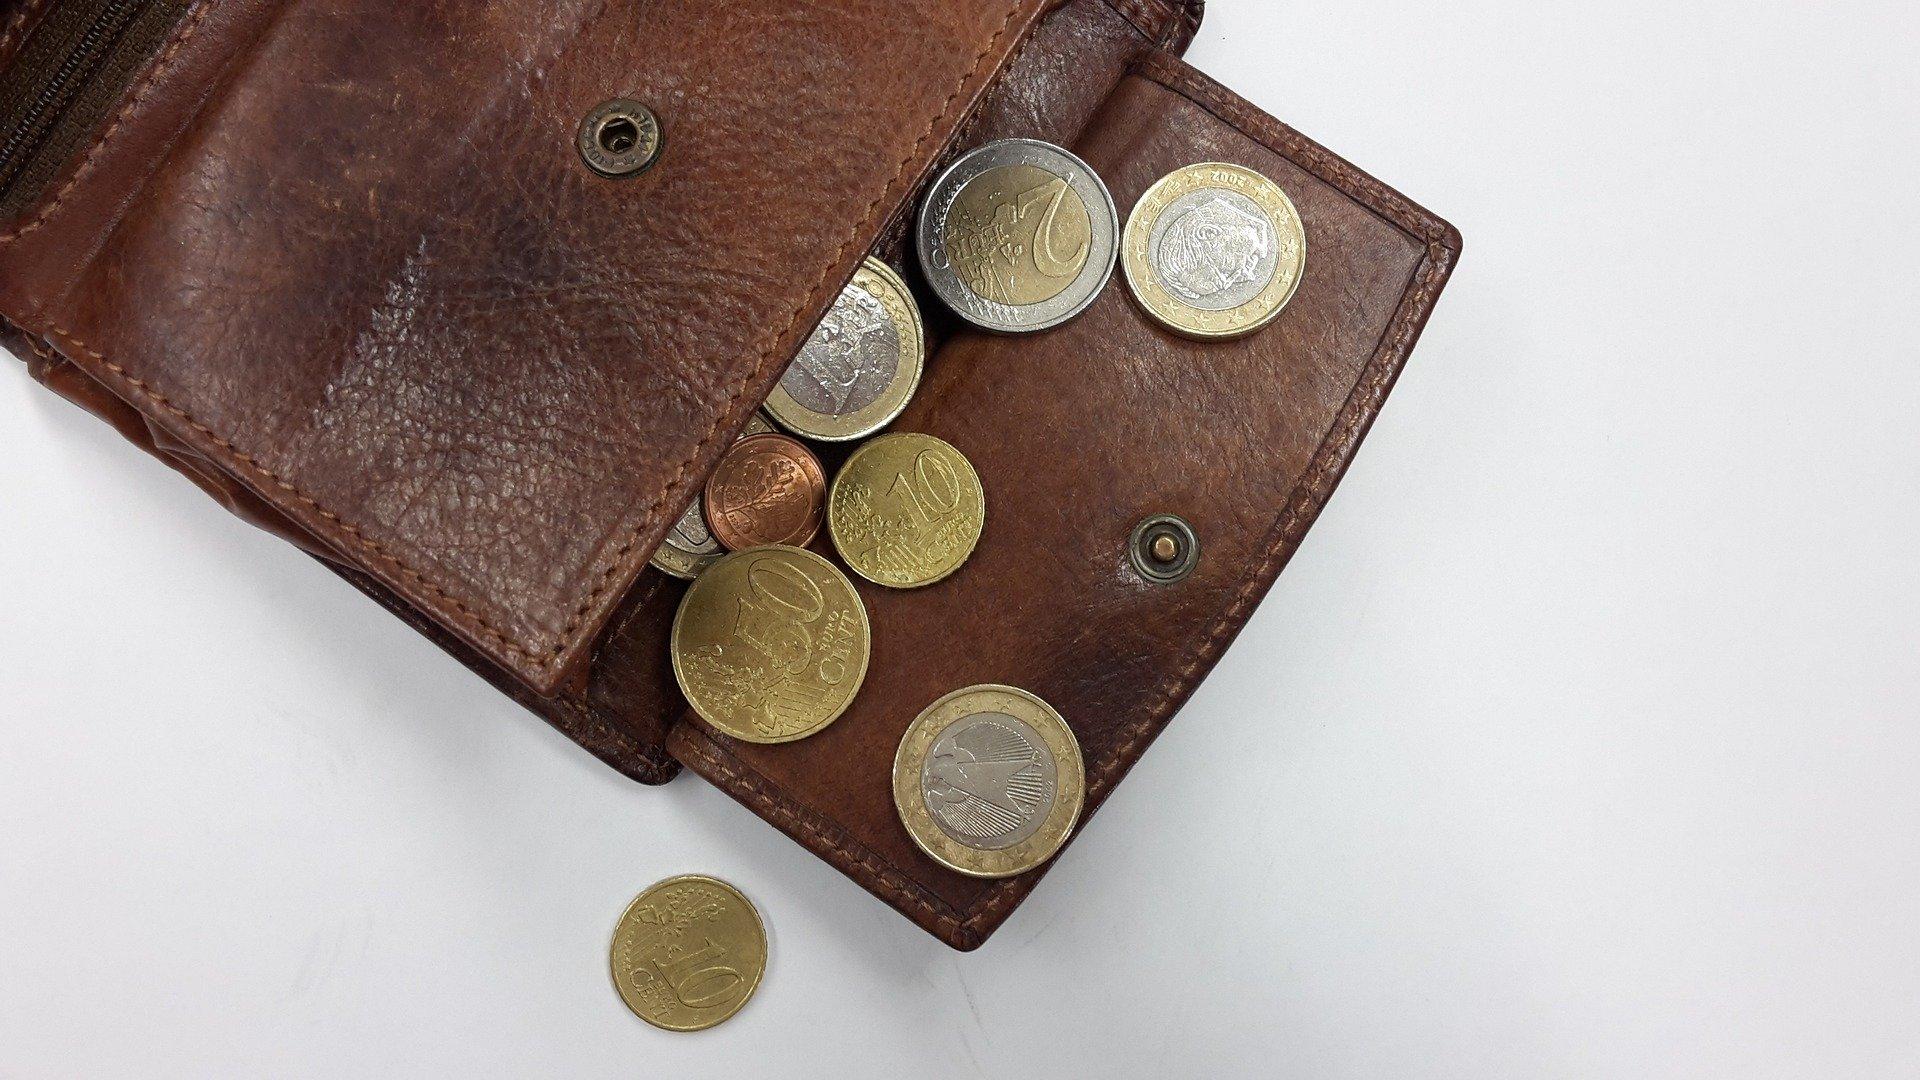 Trinkgeld geben, wann gibt man trinkgeld, wieviel trinkgel gehört sich, wo gibt man trinkgeld, Bezahlen,